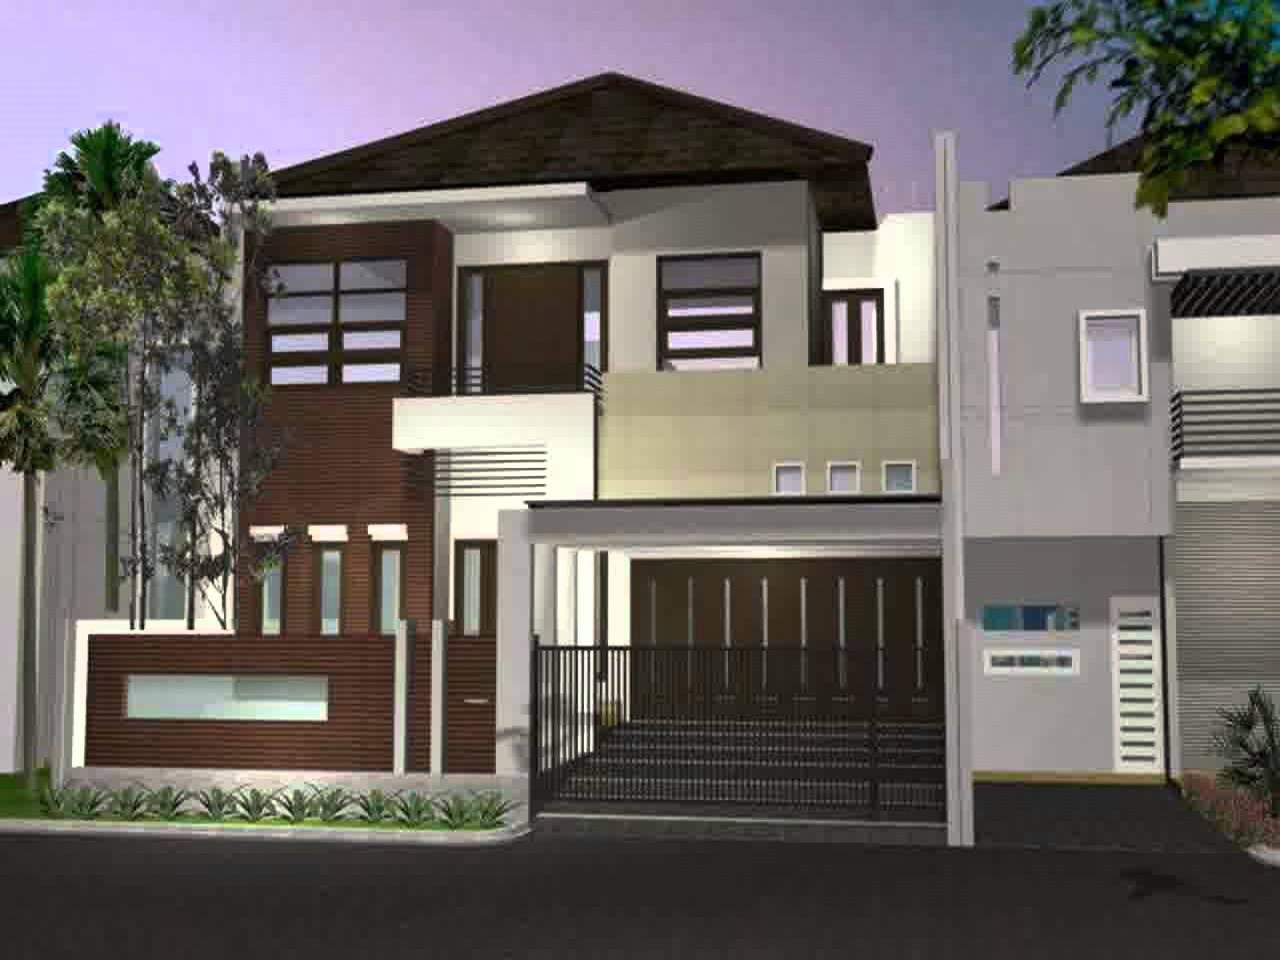 Desain Rumah Mewah Minimalis Lantai 2 Tampak Depan In 2020 With